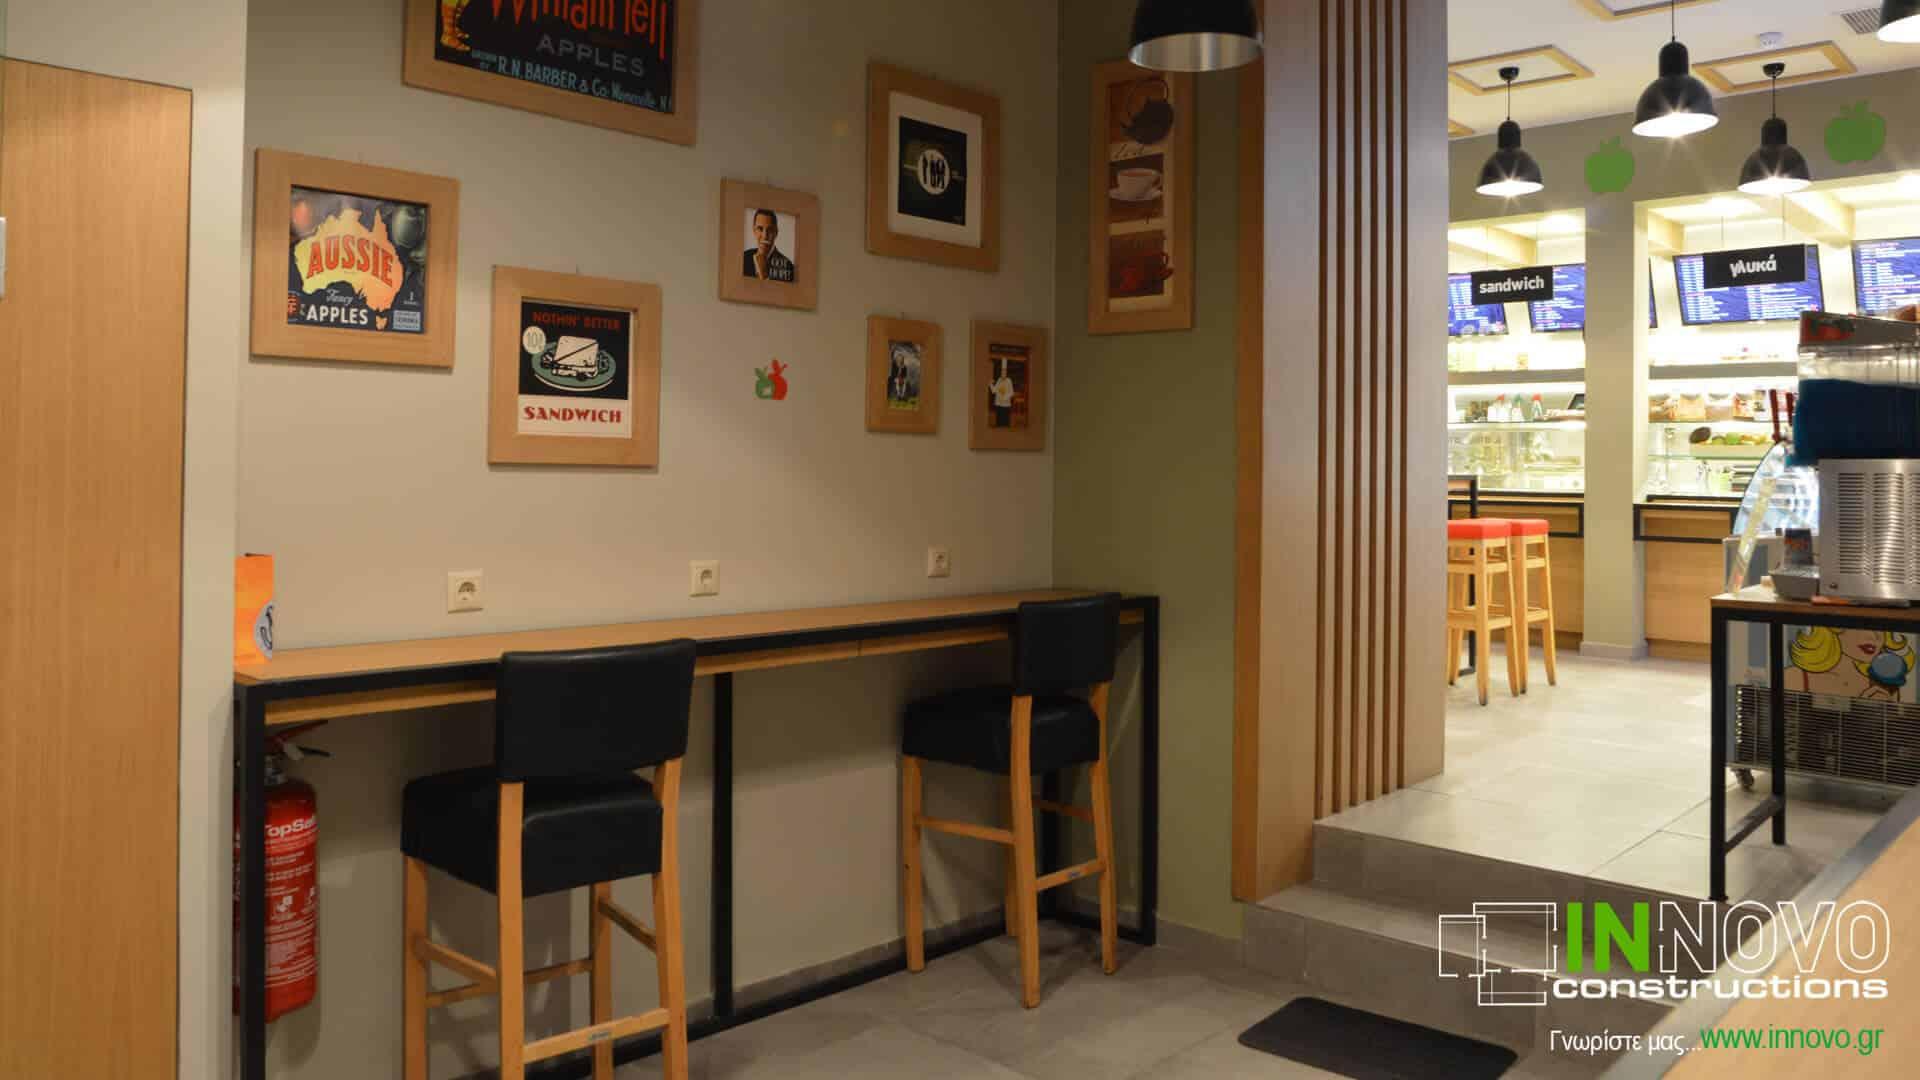 anakainisi-snack-cafe-renovation-fastfood-ano-petralona-1462-6